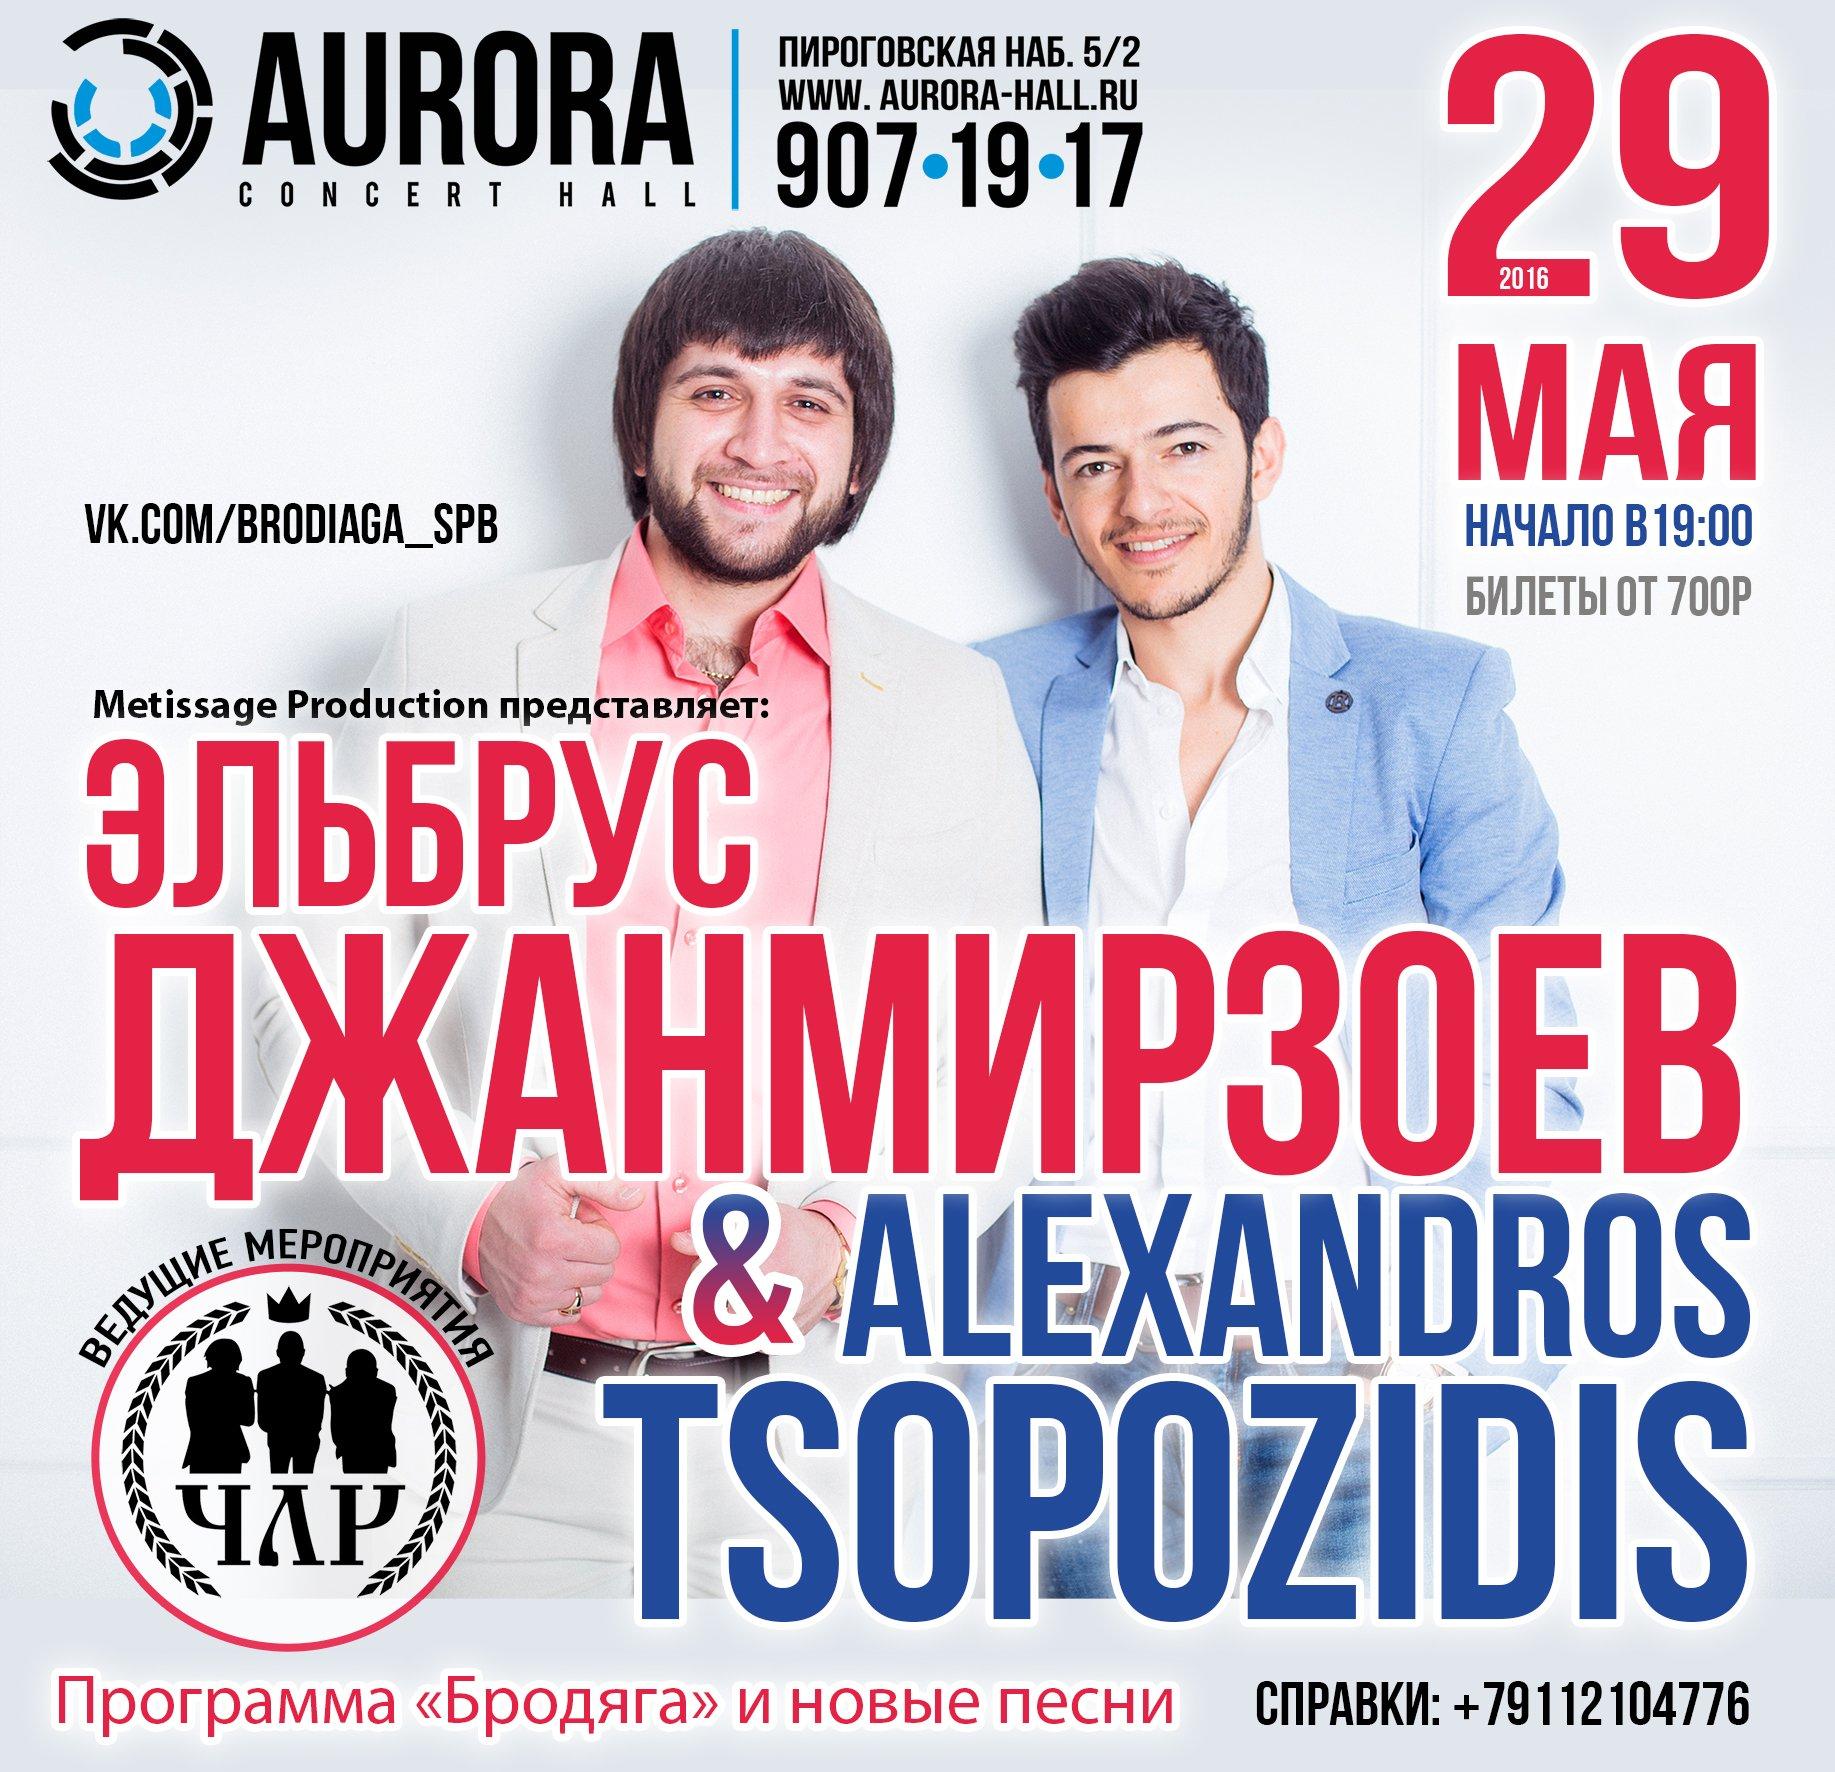 Концерт Эльбруса Джанмирзоева иАлександроса Тсопозидиса «Бродяга»